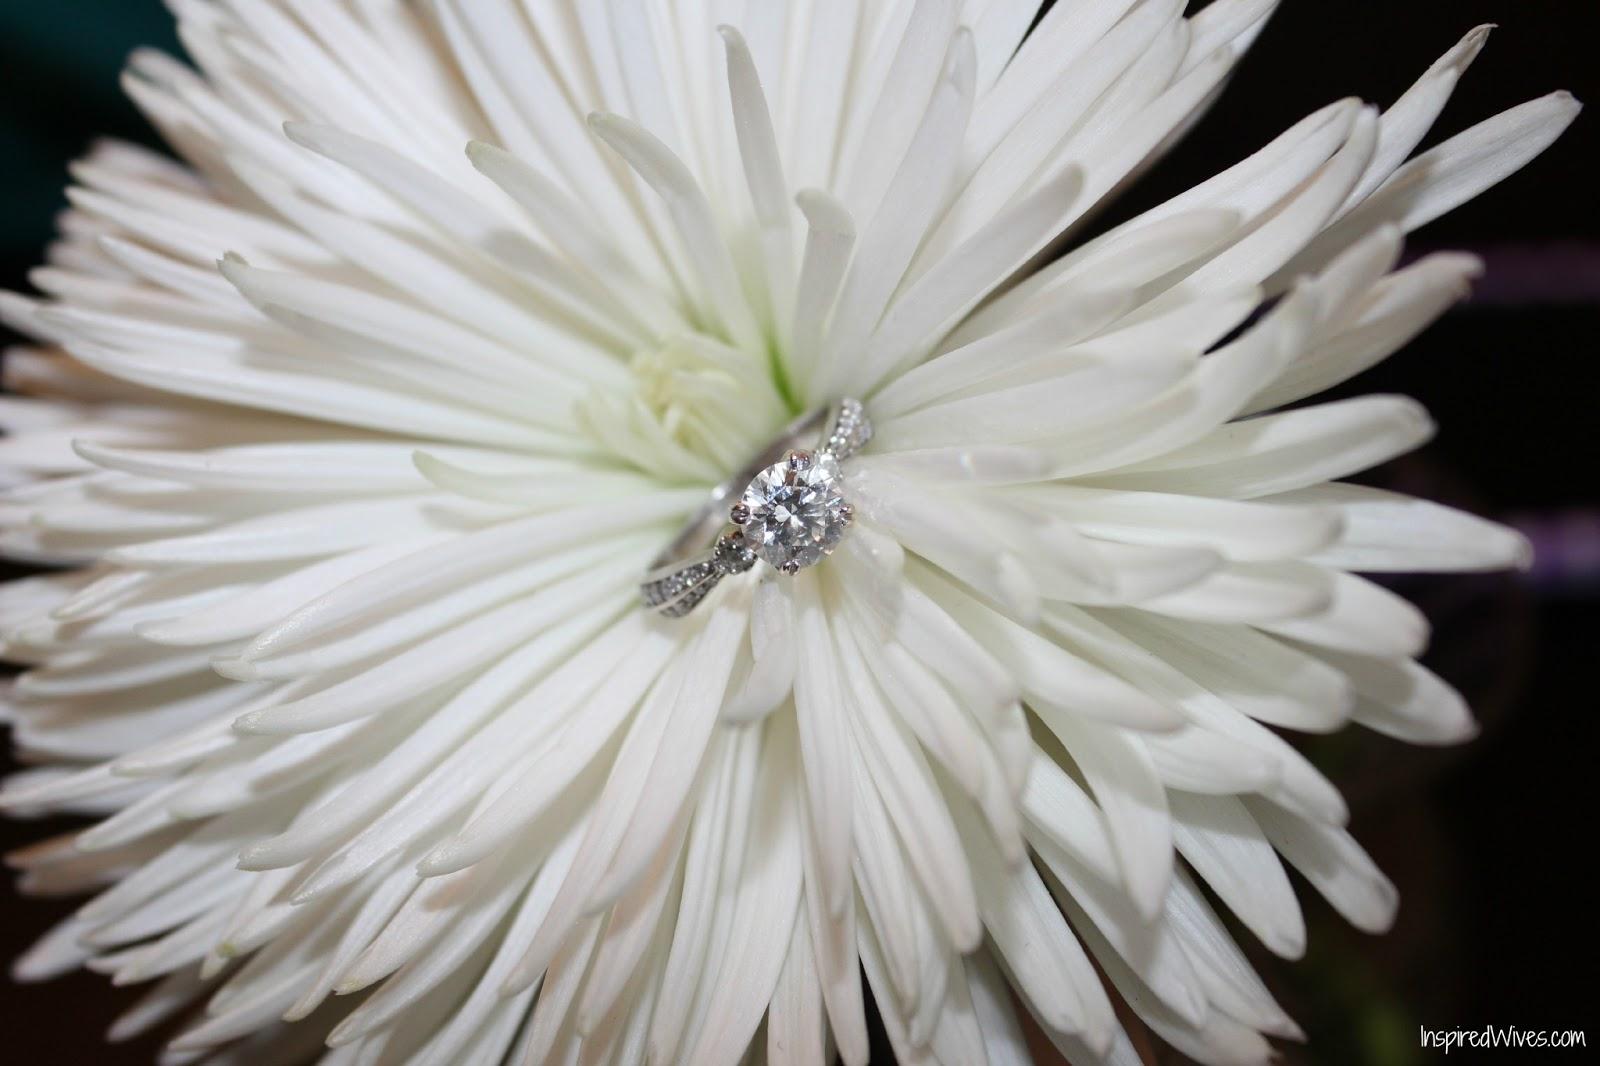 http://1.bp.blogspot.com/-5Ns4Uvs5wxc/UQX7PbSgsNI/AAAAAAAADCI/IJEMVB-l6KI/s1600/engagement+ring.jpg